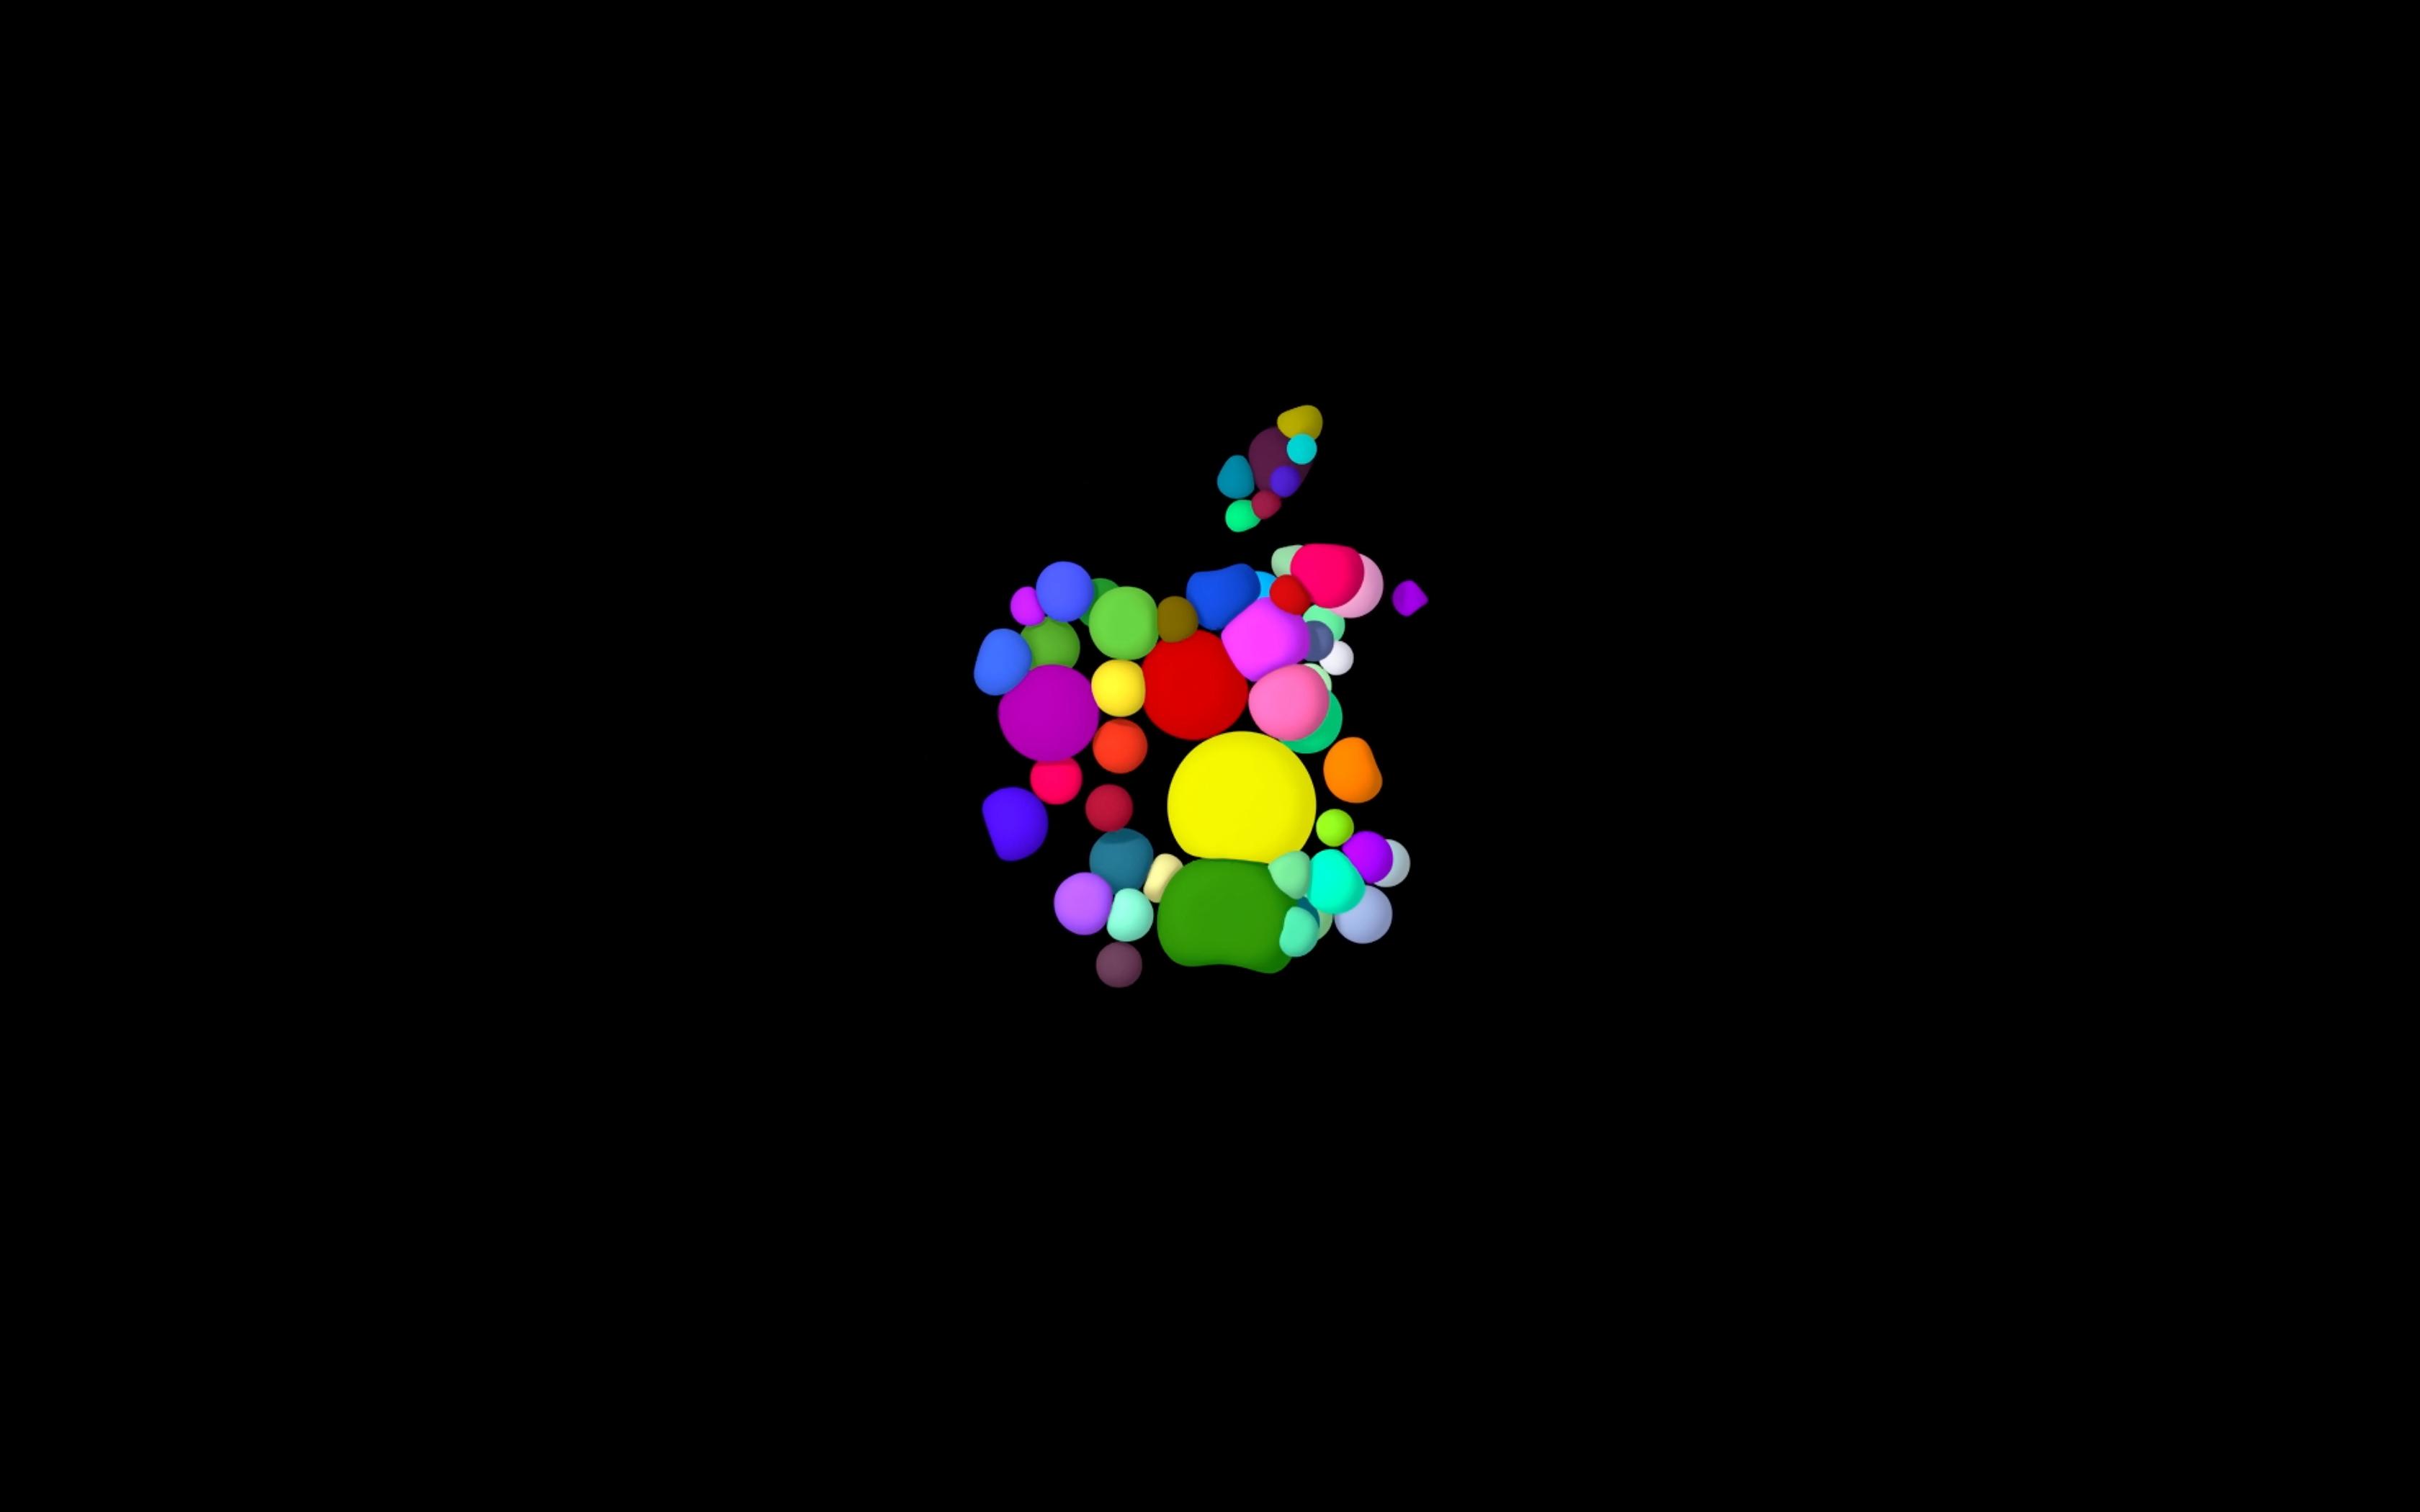 screenshot 2019-02-23 at 15 16 05